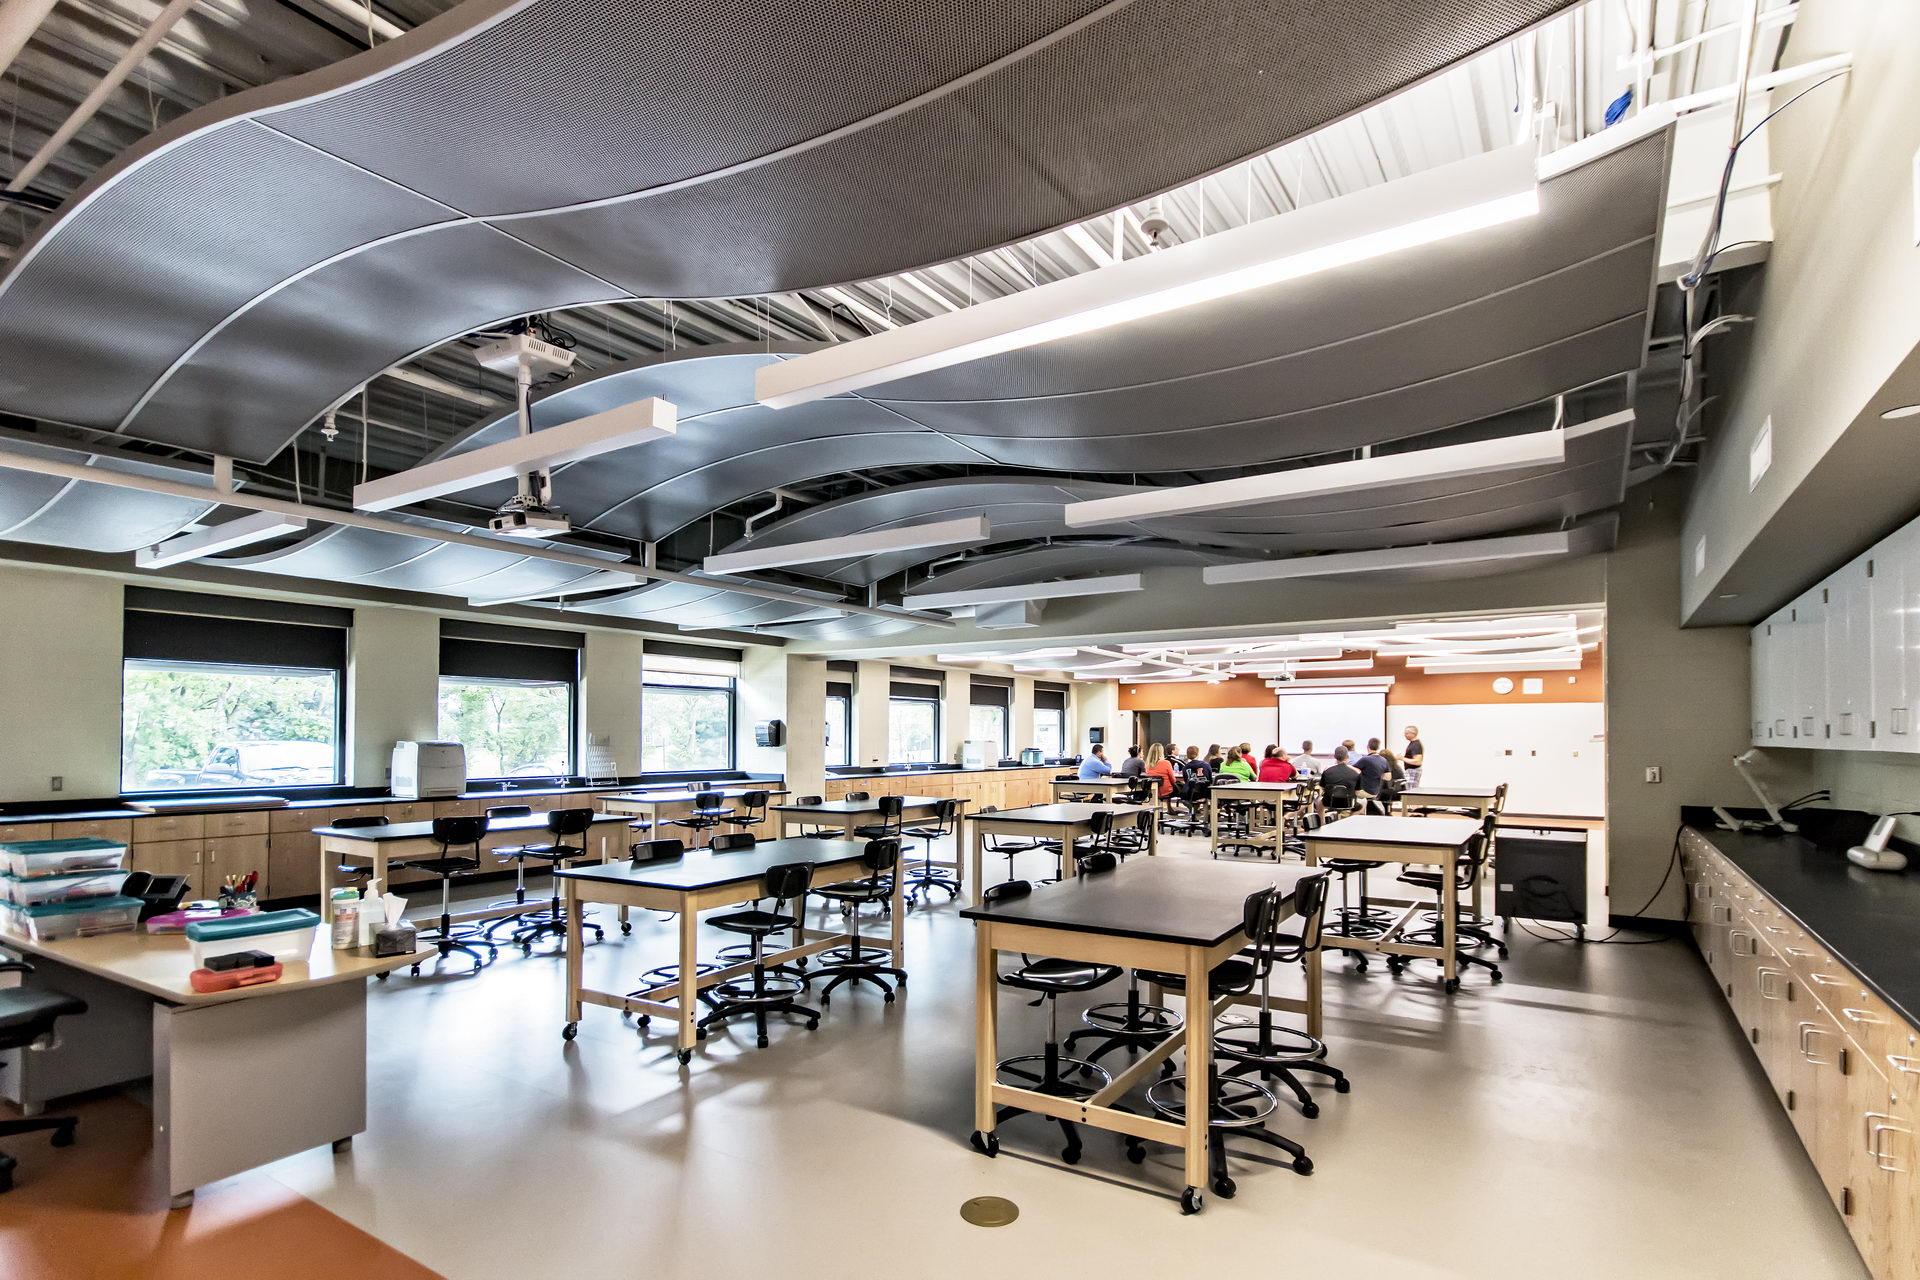 Modern High School Classroom : Ian mikardo high school community